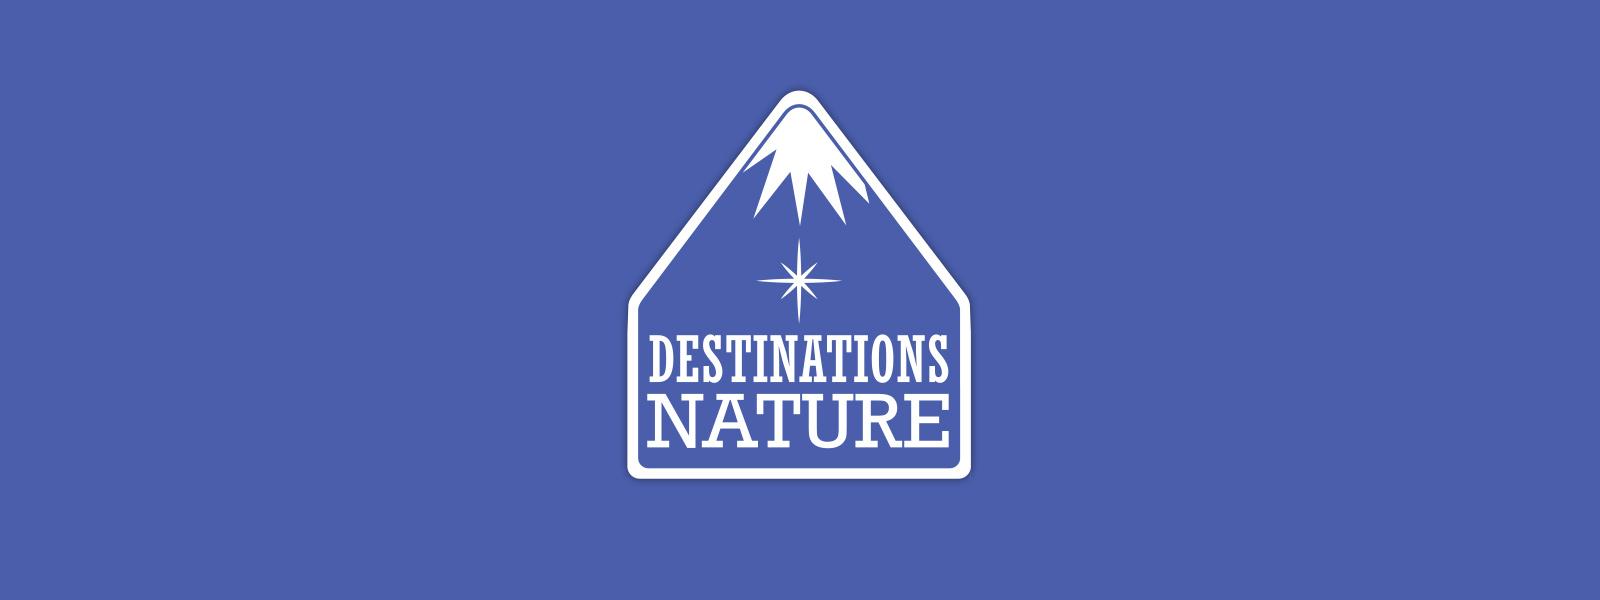 Identité graphique proposée pour le salon Destinations Nature